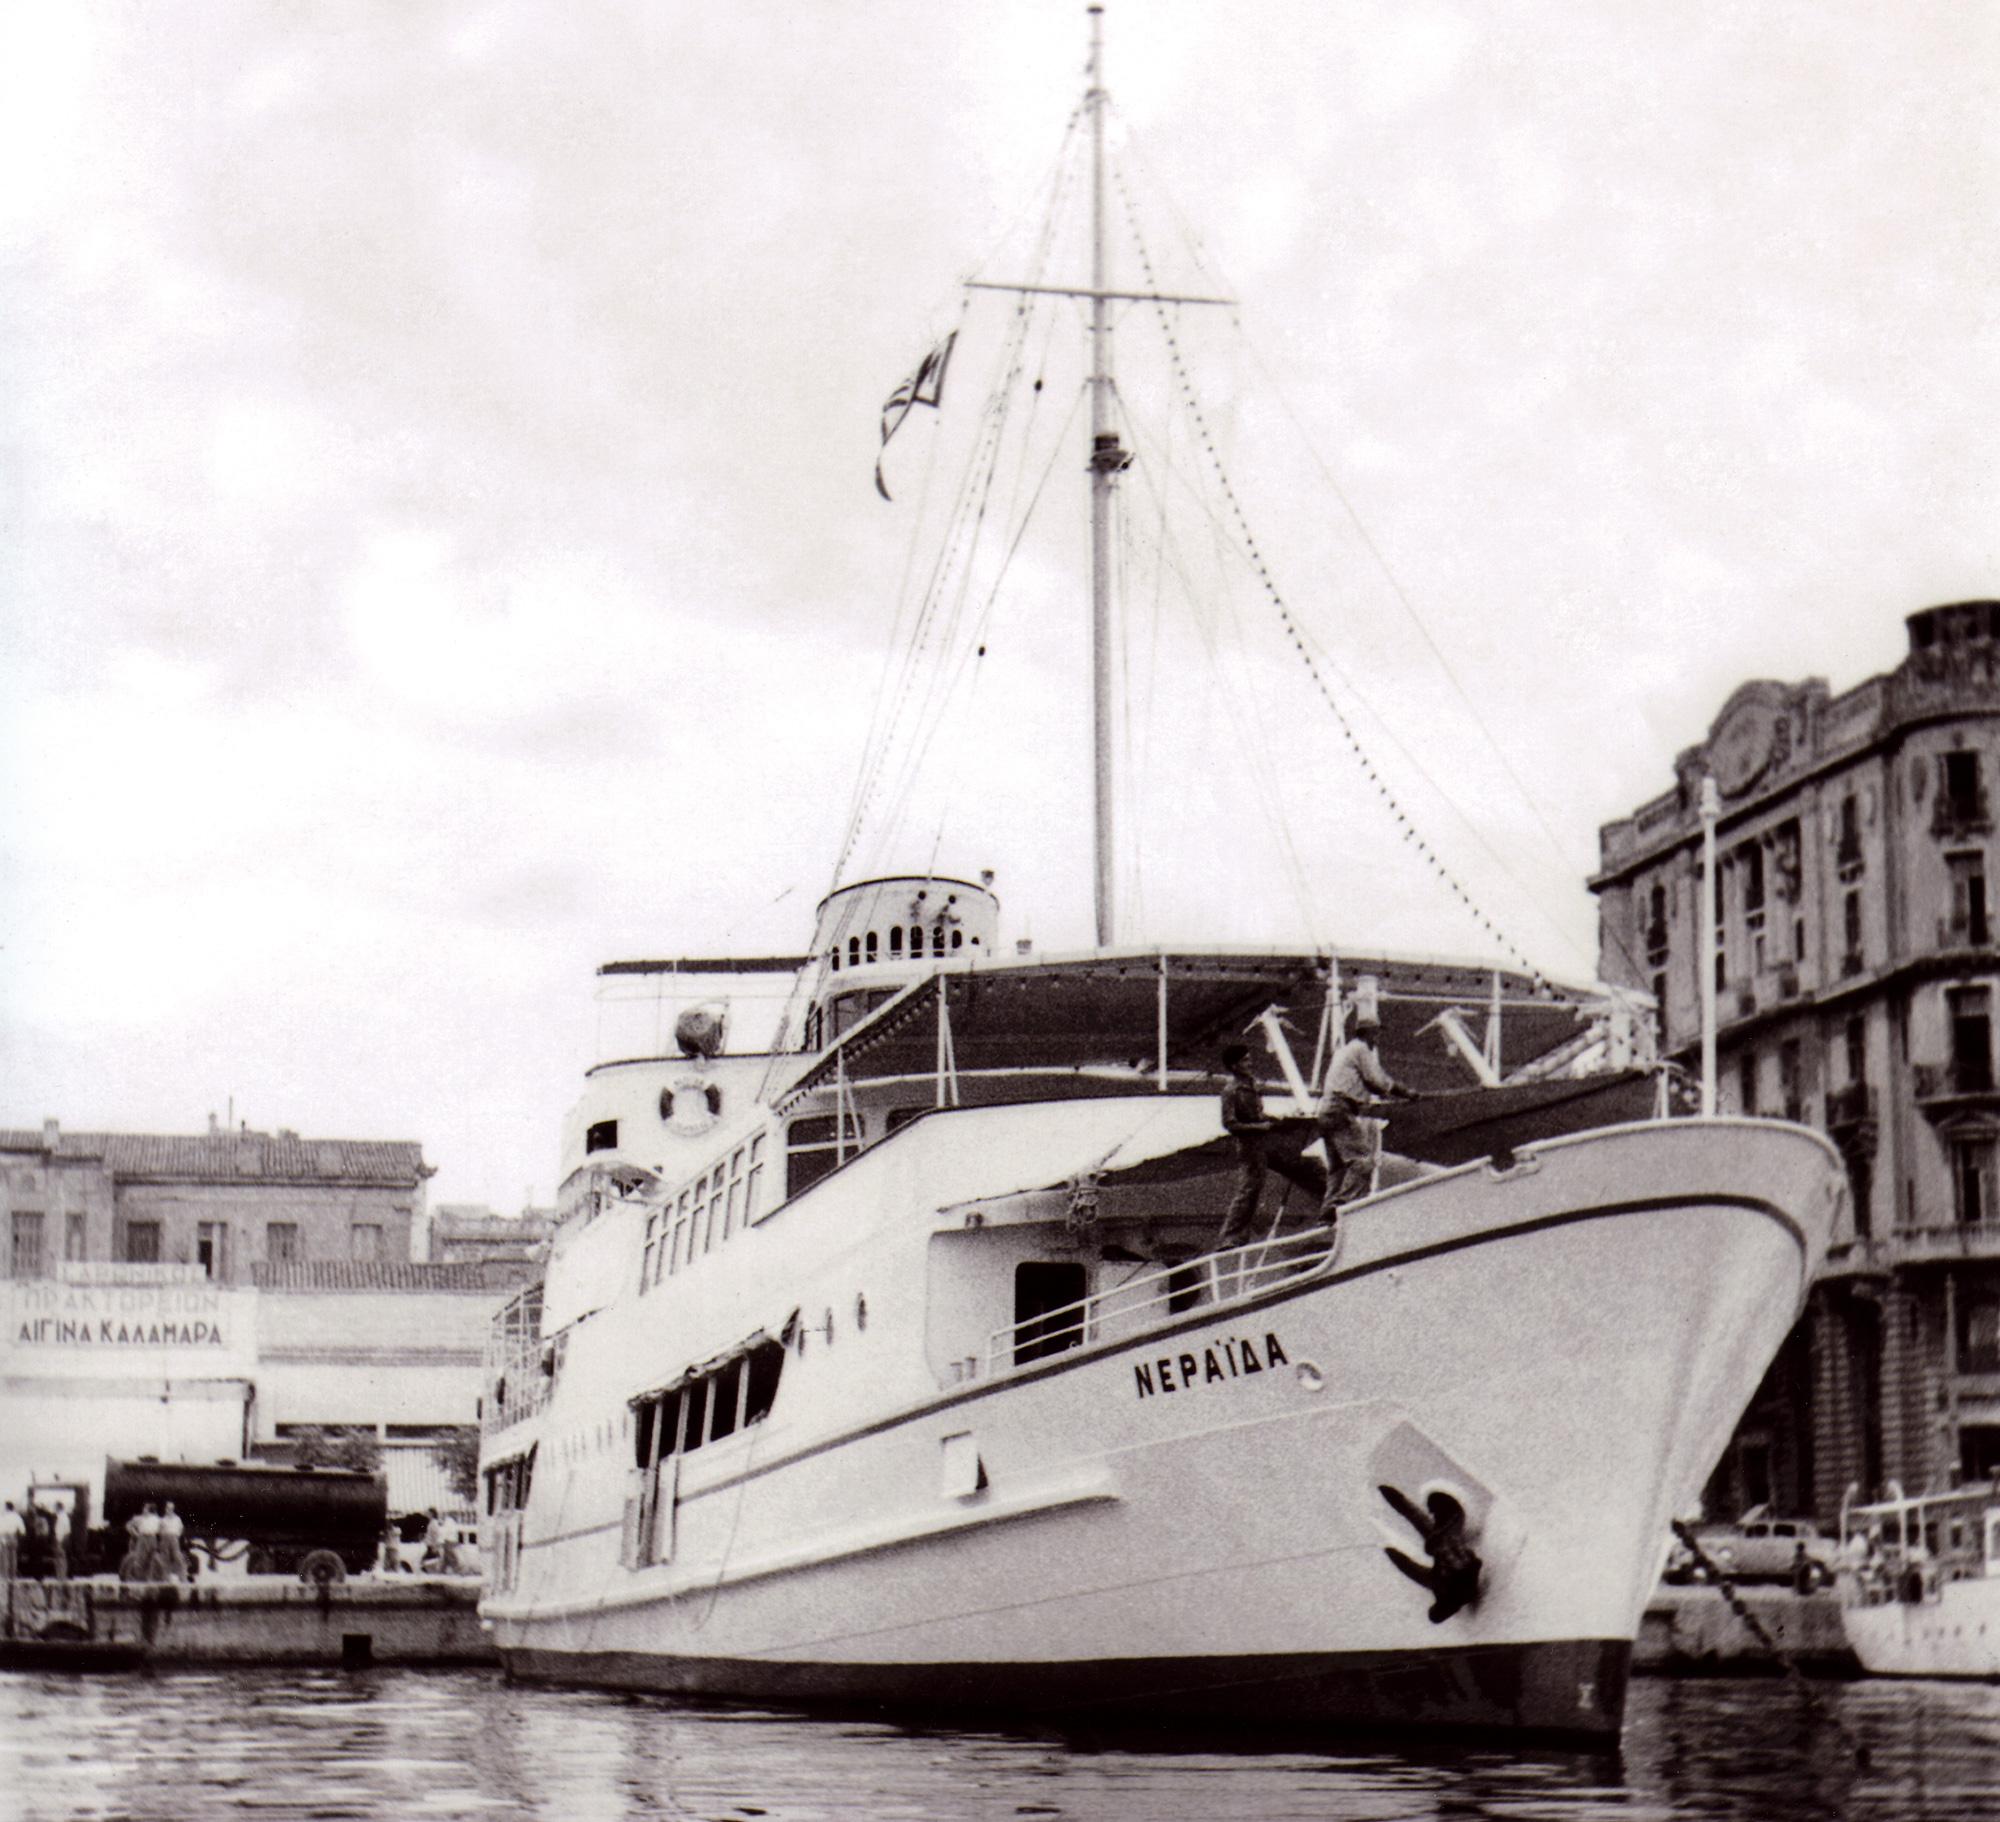 Το «Νεράιδα στο λιμάνι του Πειραιά, περίπου το 1960.